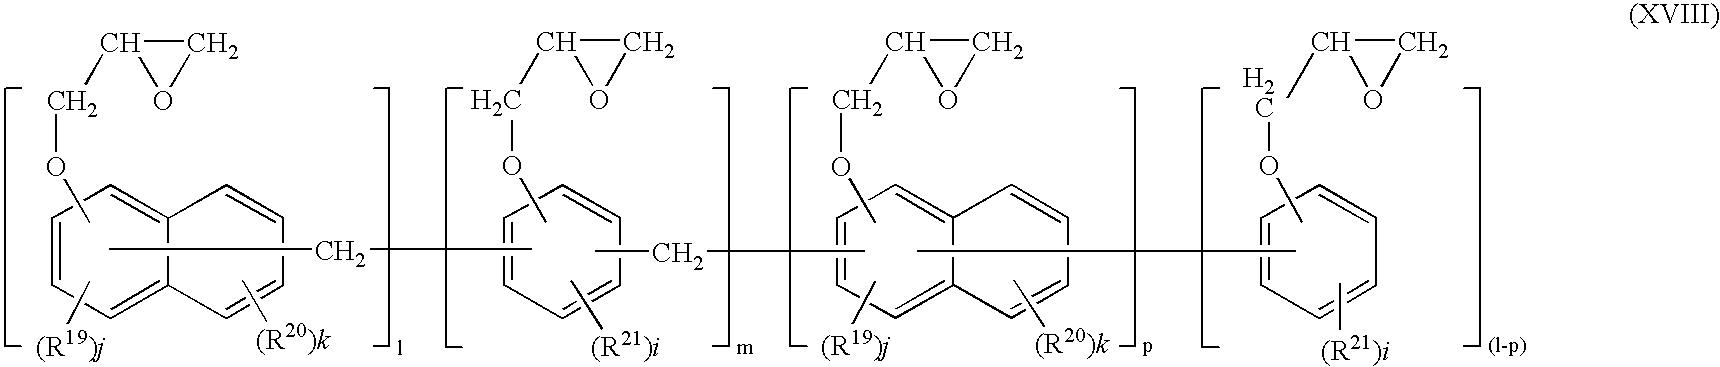 Figure US20050267286A1-20051201-C00017